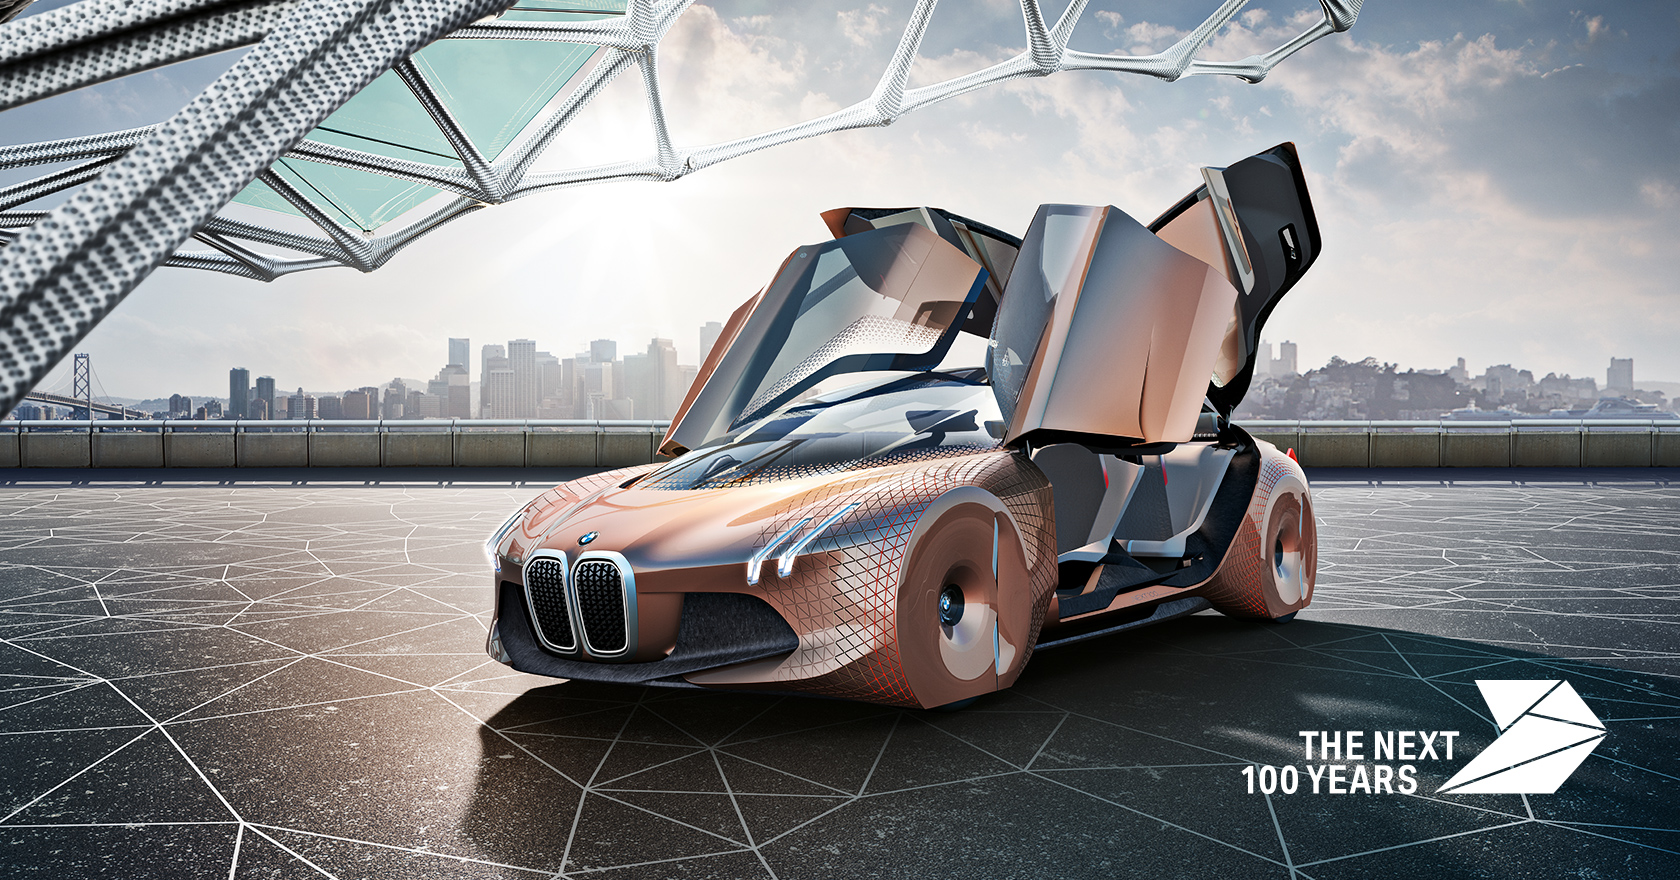 BMW: Vêm aí mais eléctricos e autónomos